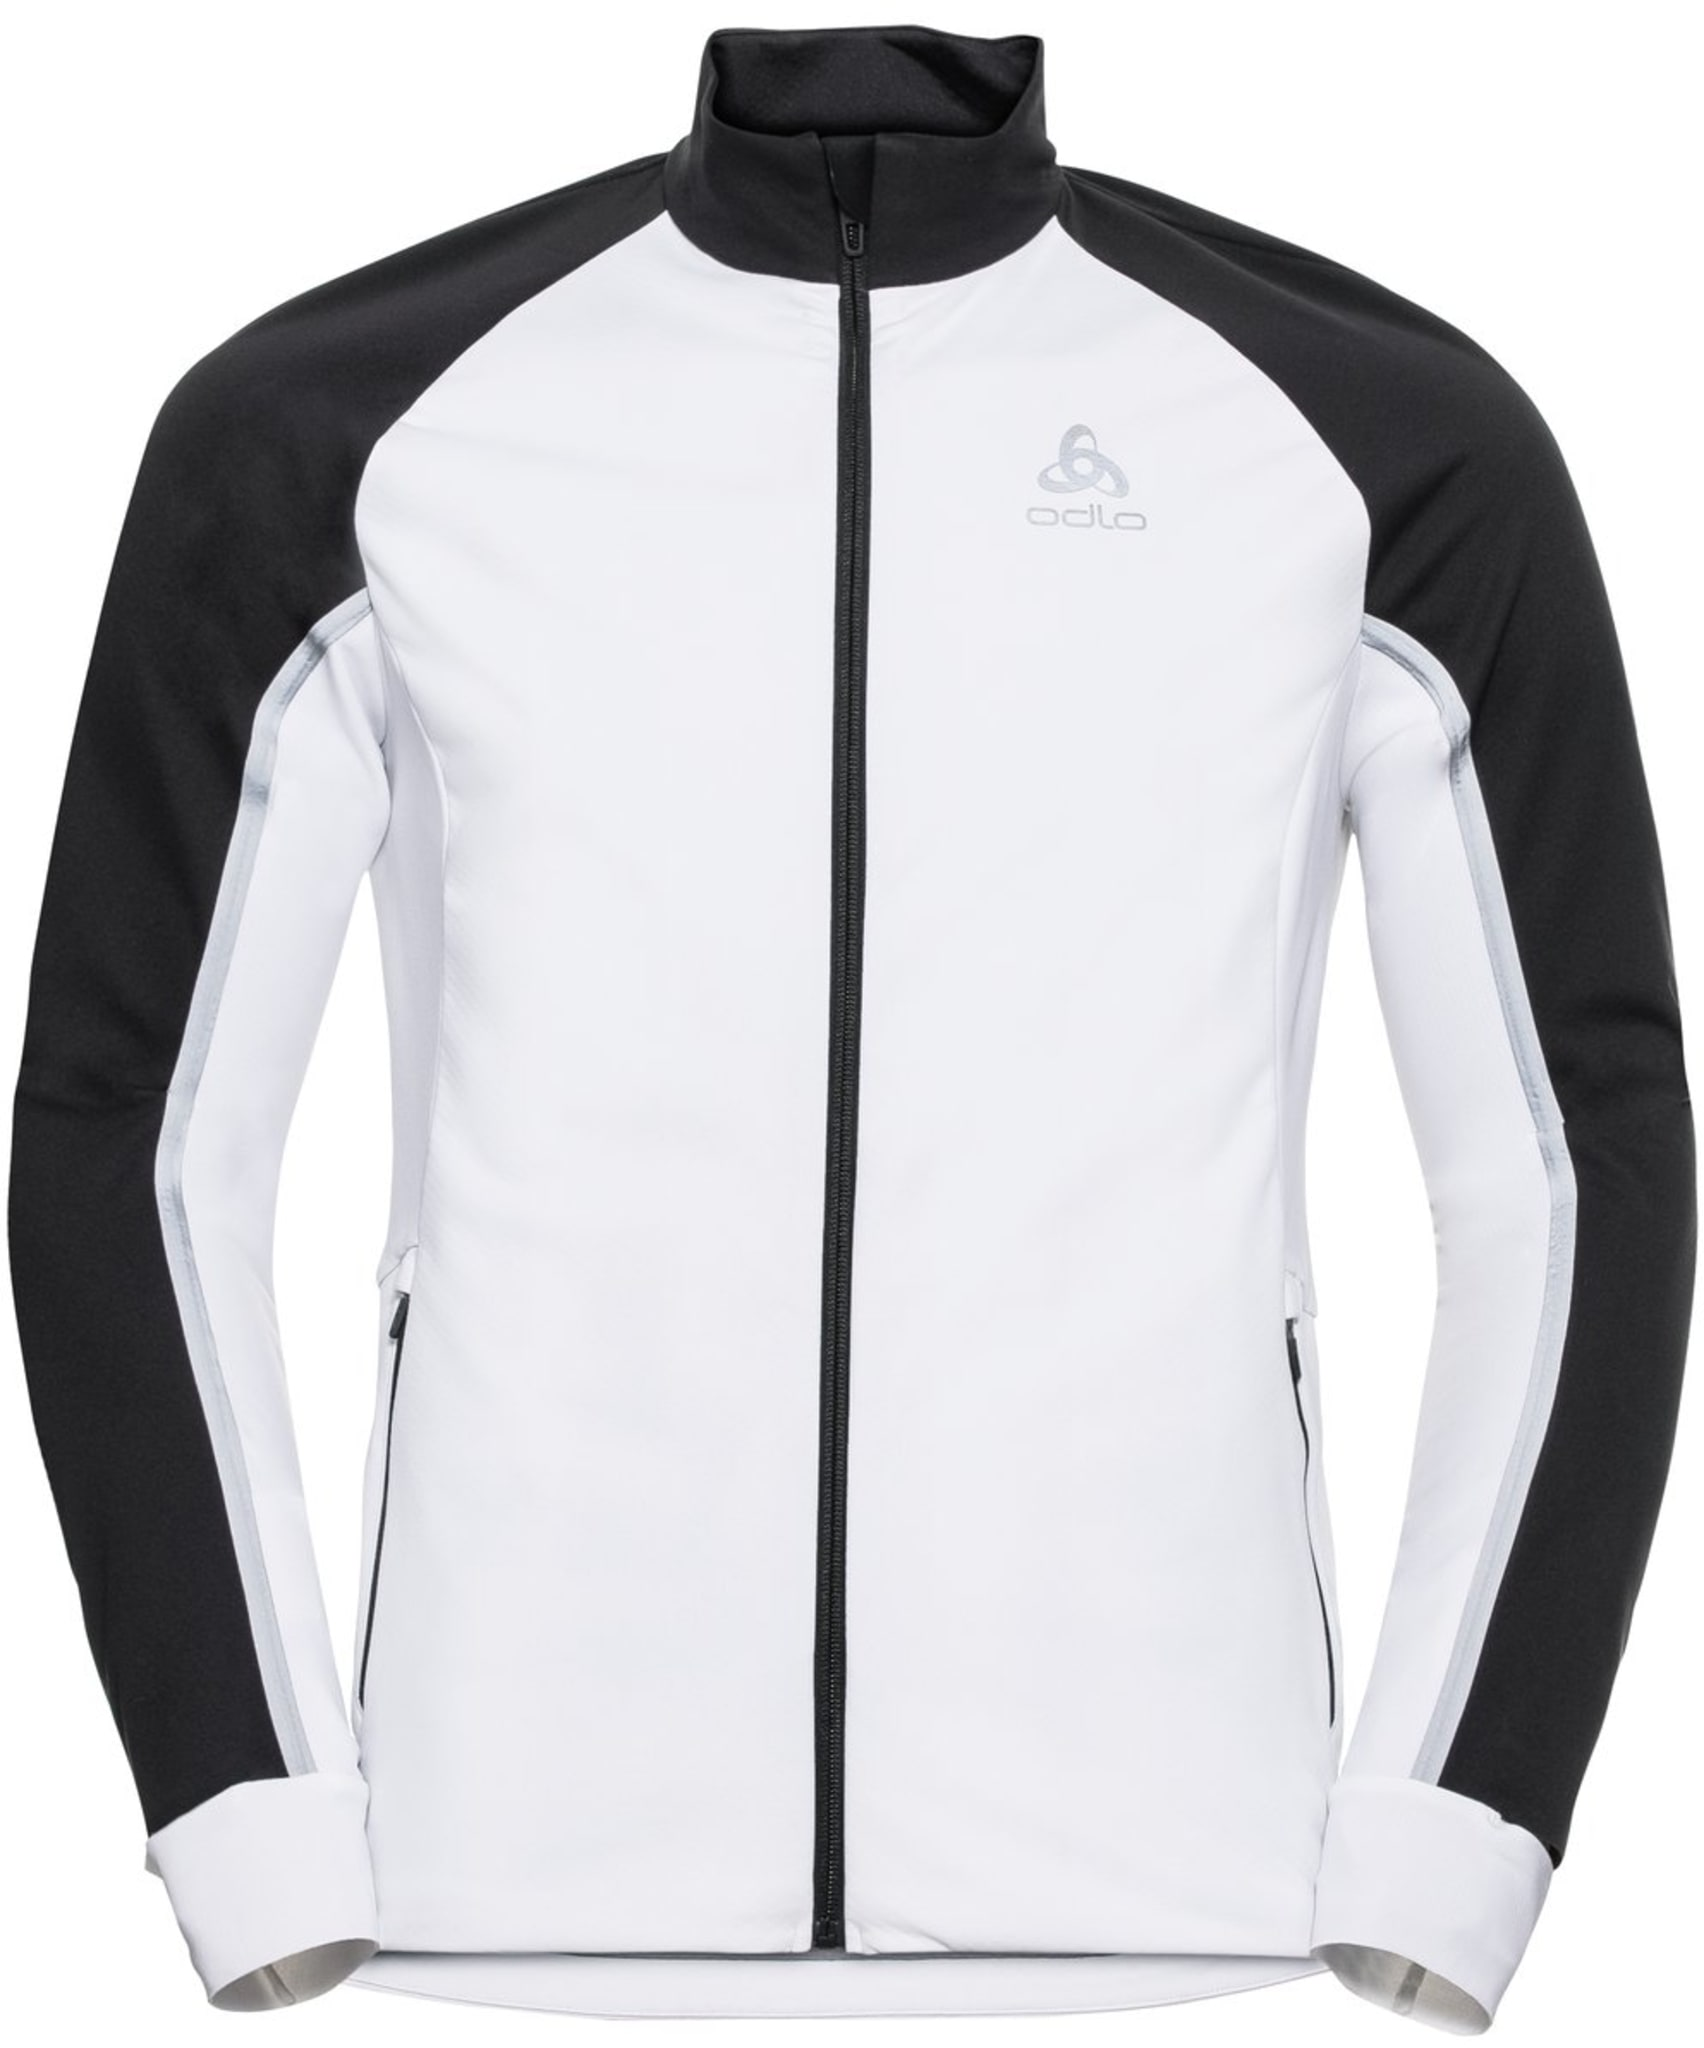 Aeolus Pro Jacket M